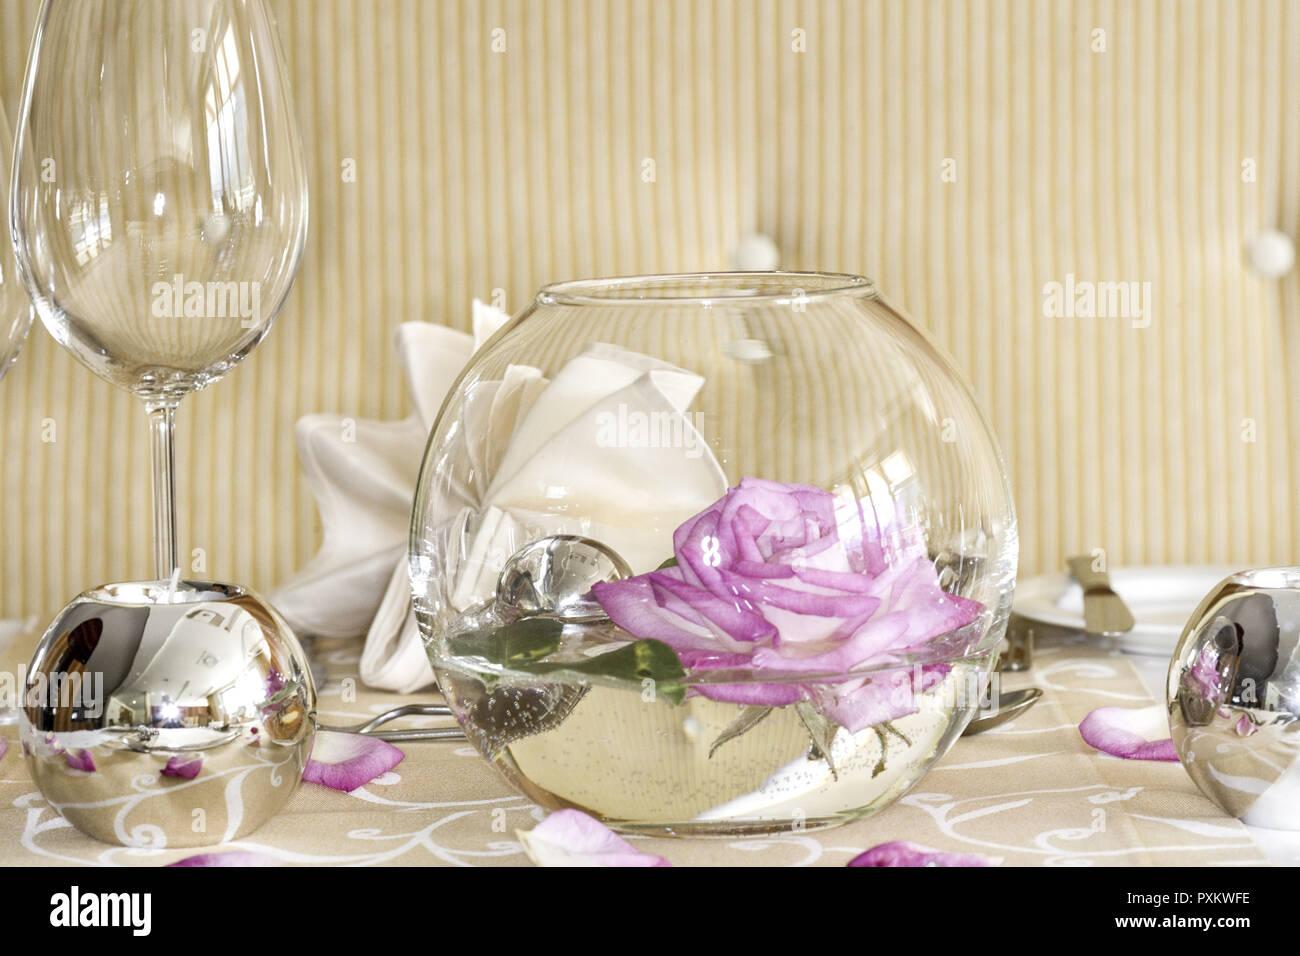 Tisch Gedeckt Festlich Detail Tischdeko Tischdekoration Rose